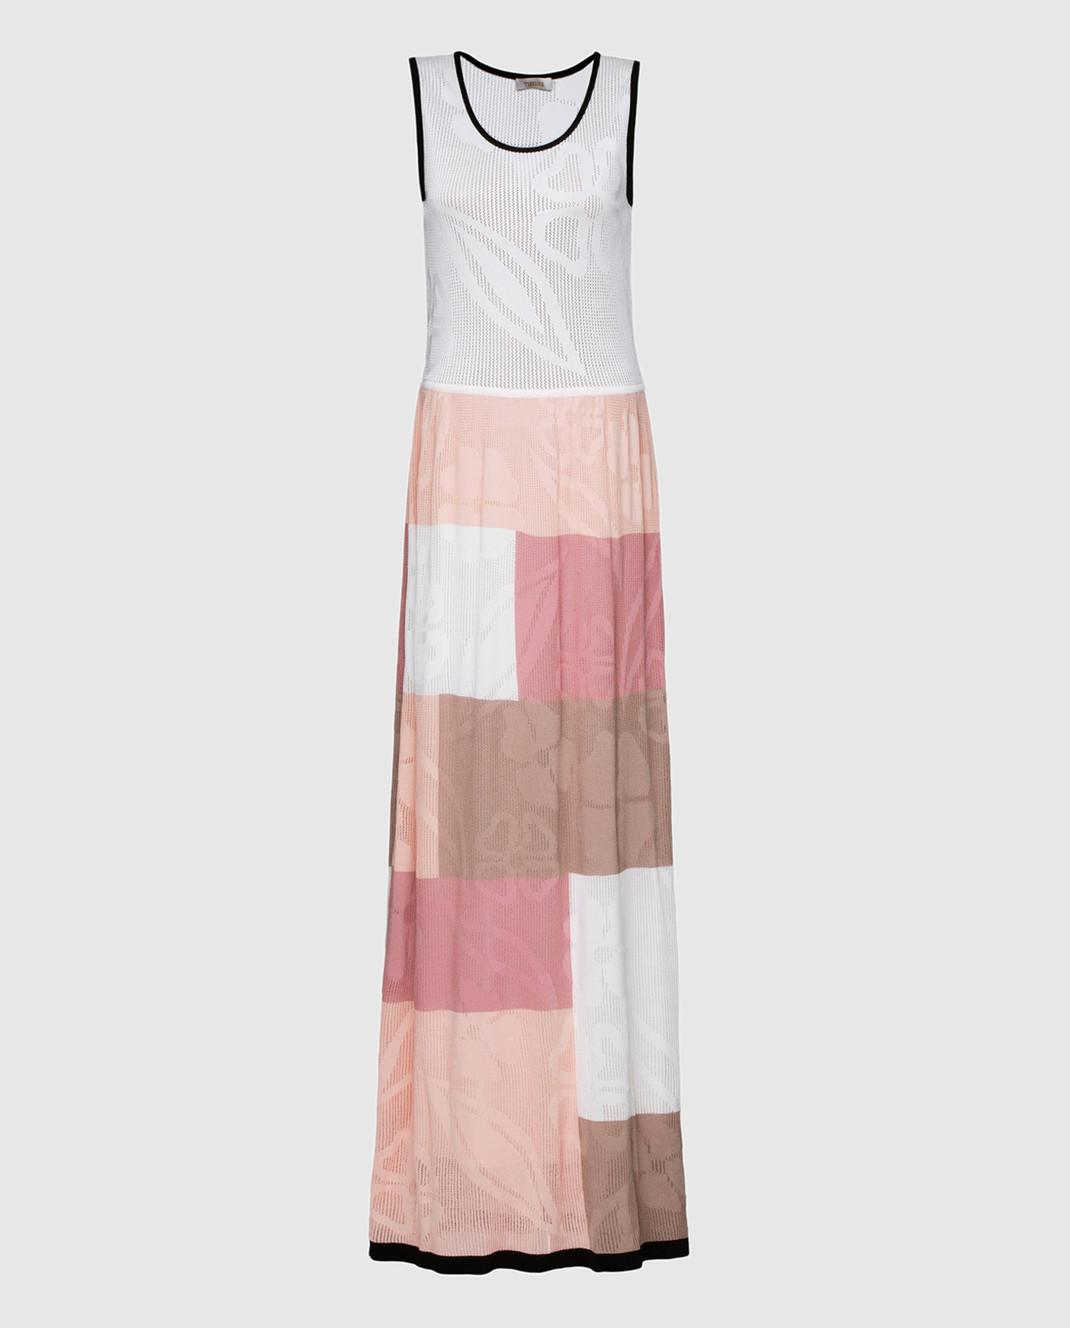 Tsarevna Пудровое платье  TS0100